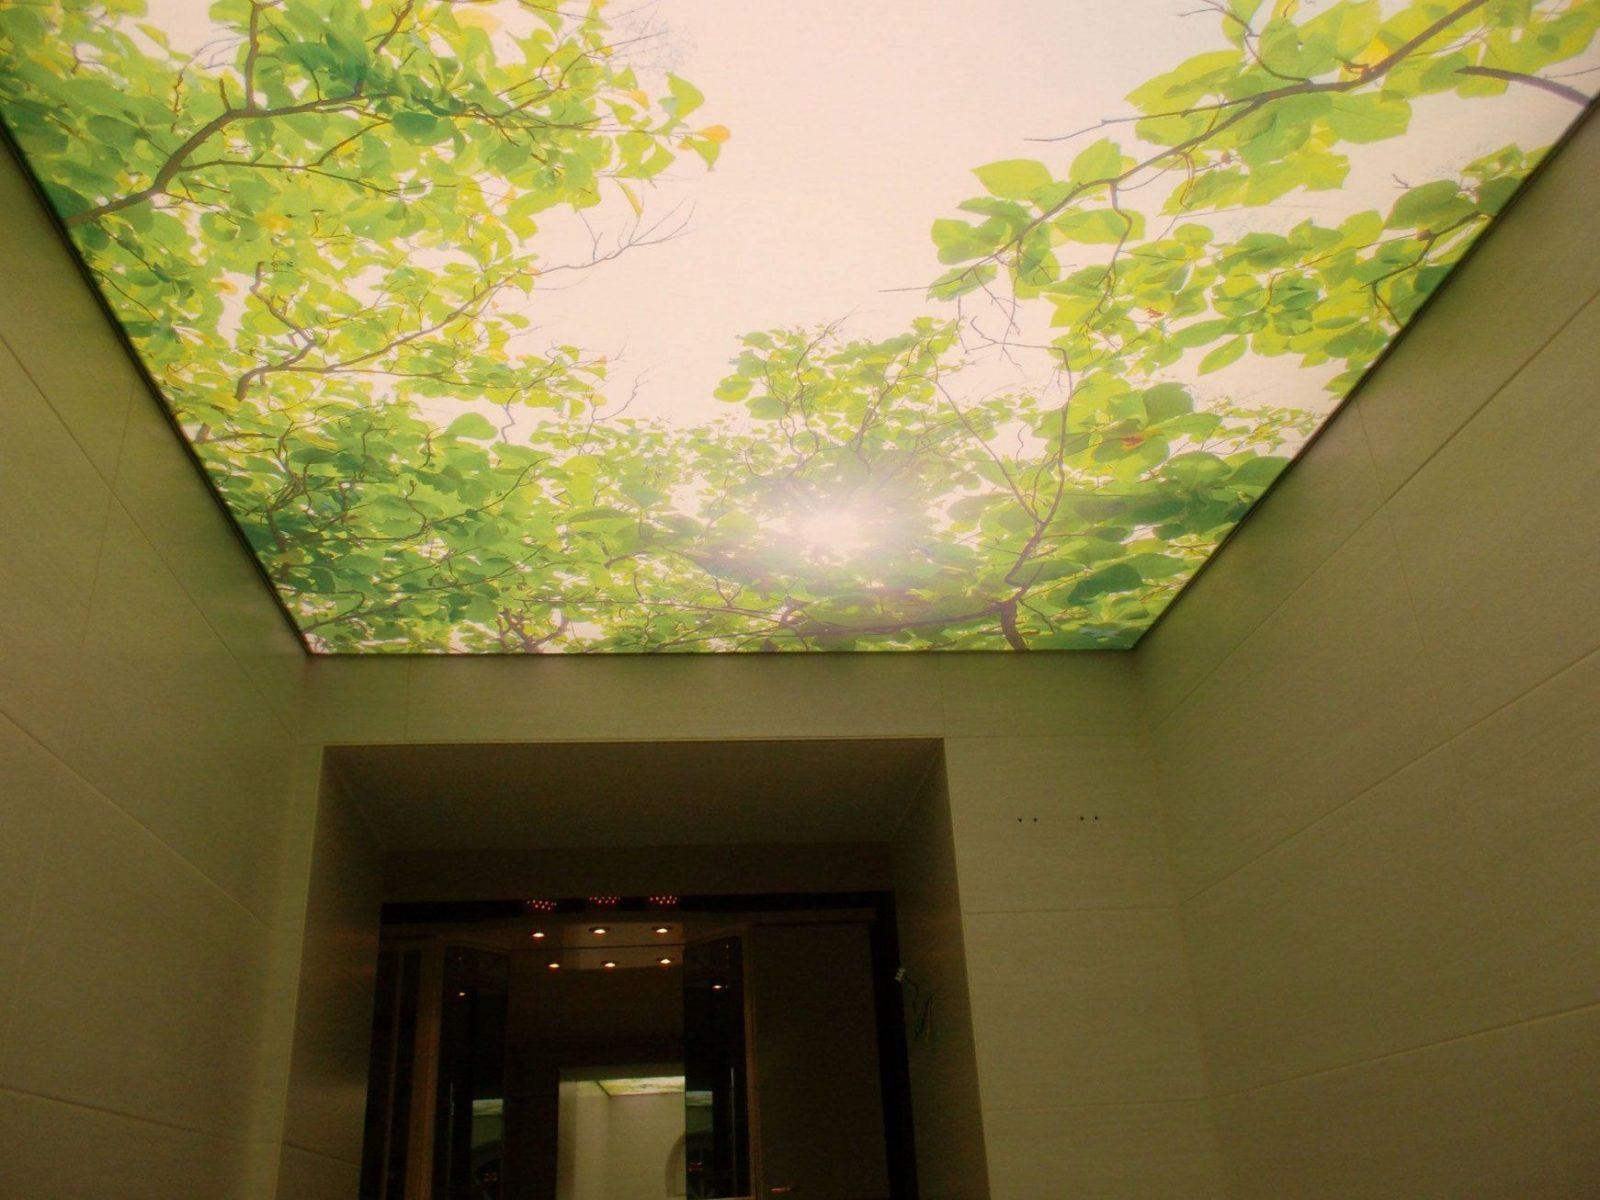 Gewebe Spanndecke  Lichtdecke Mit Druck Von Planung Montage Von von Led Lichtdecke Selber Bauen Bild